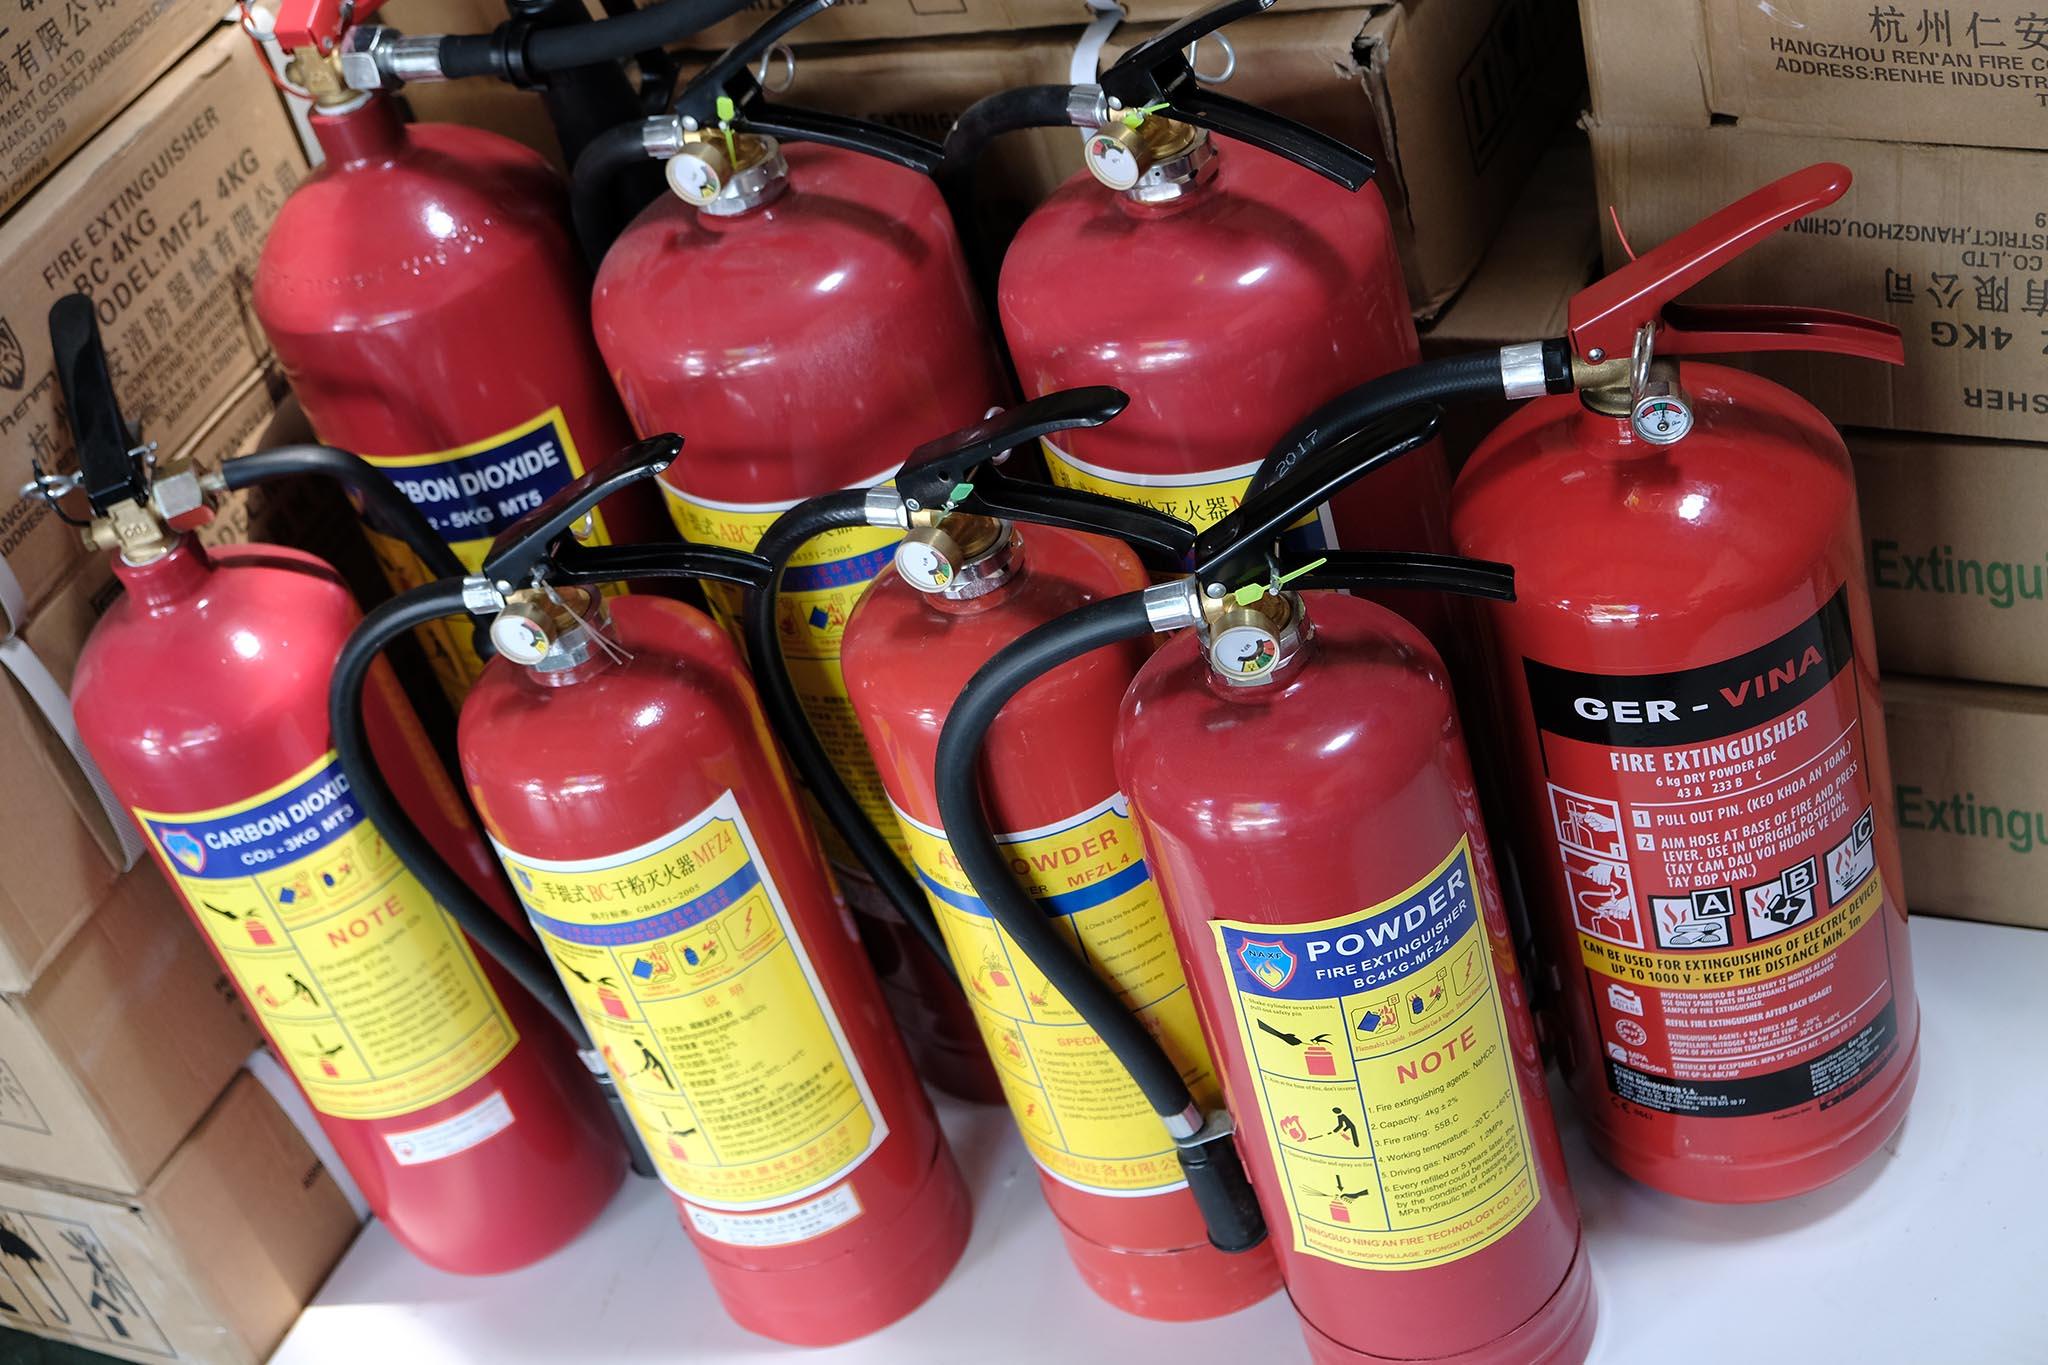 Nơi bán bình chữa cháy ở Đăk Nông giá rẻ